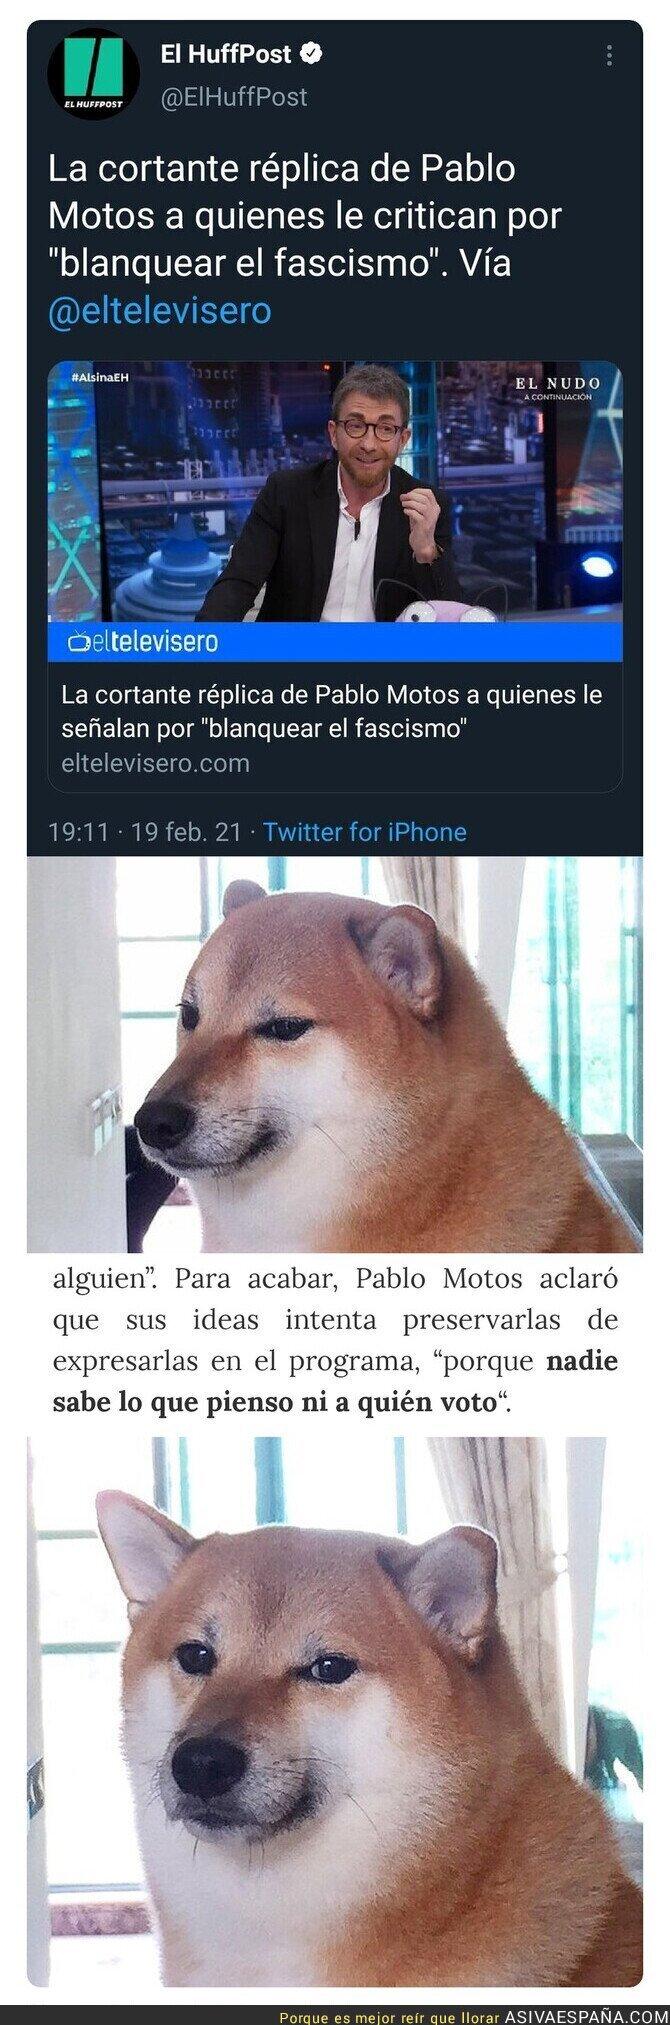 611609 - Pablo Motos le calla la boca a quienes le critican por 'blanquear el fascismo' (sale mal)